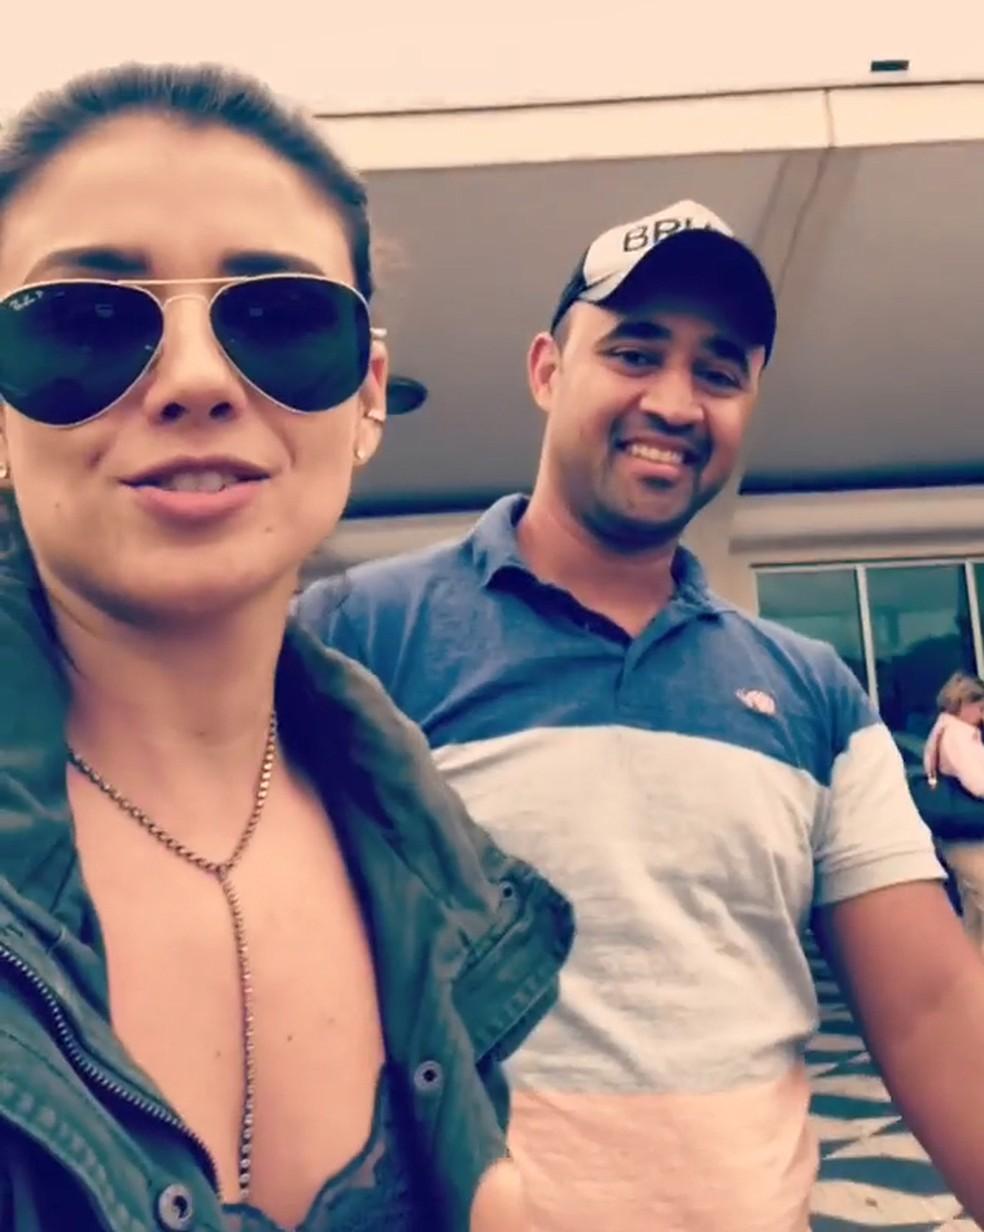 Paula Fernandes postou vídeo para agradecer dupla que devolveu mala esquecida no aeroporto de Congonhasesqueceu no aeroporto de COngonhas (Foto: Reprodução/Instagram)